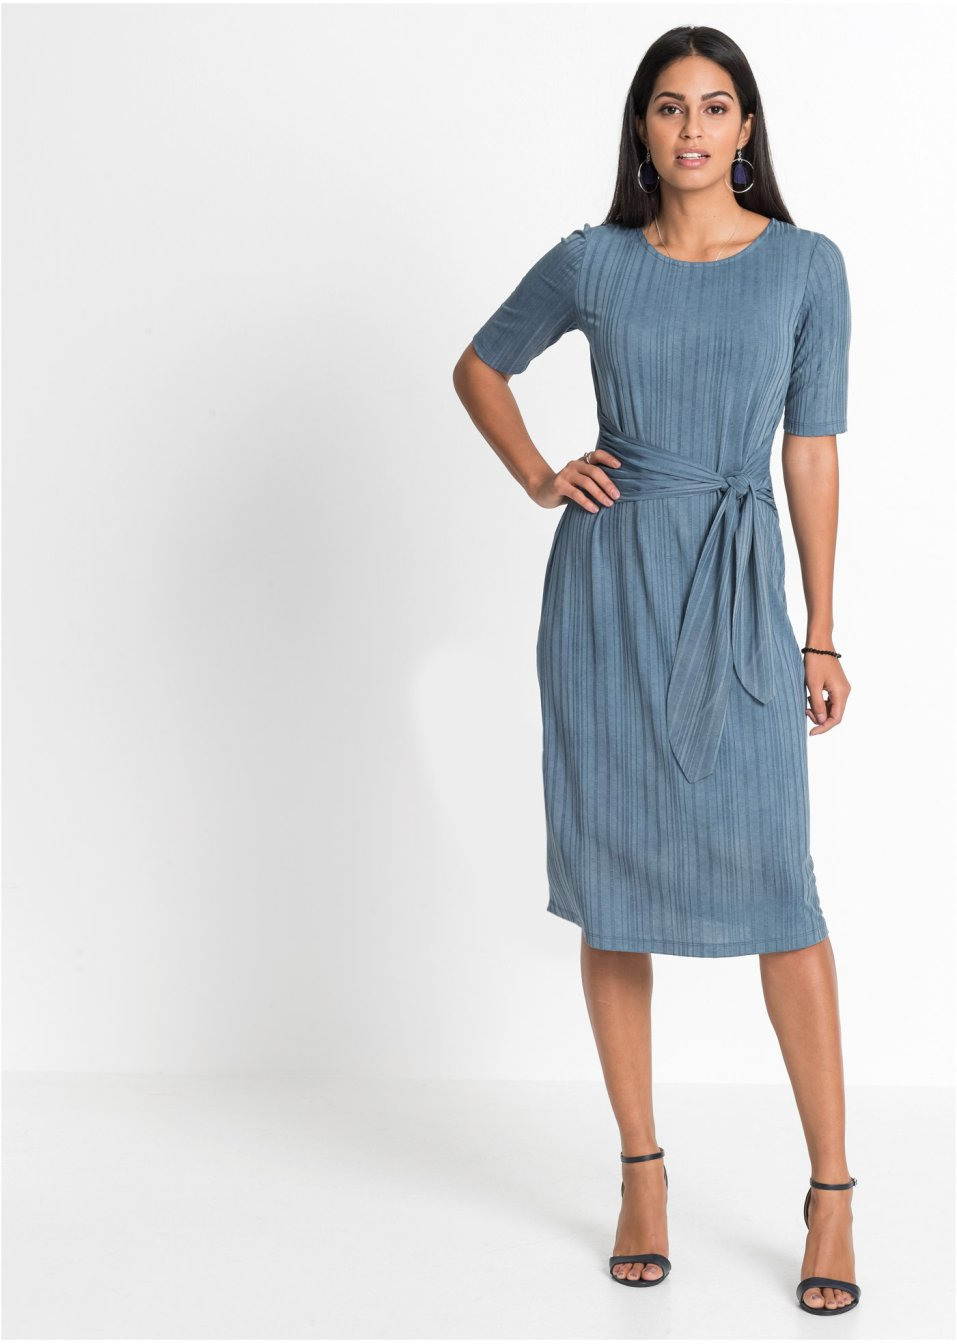 Kleid Mit Gürteloptik Blau  Bodyflirt  Bonprixde